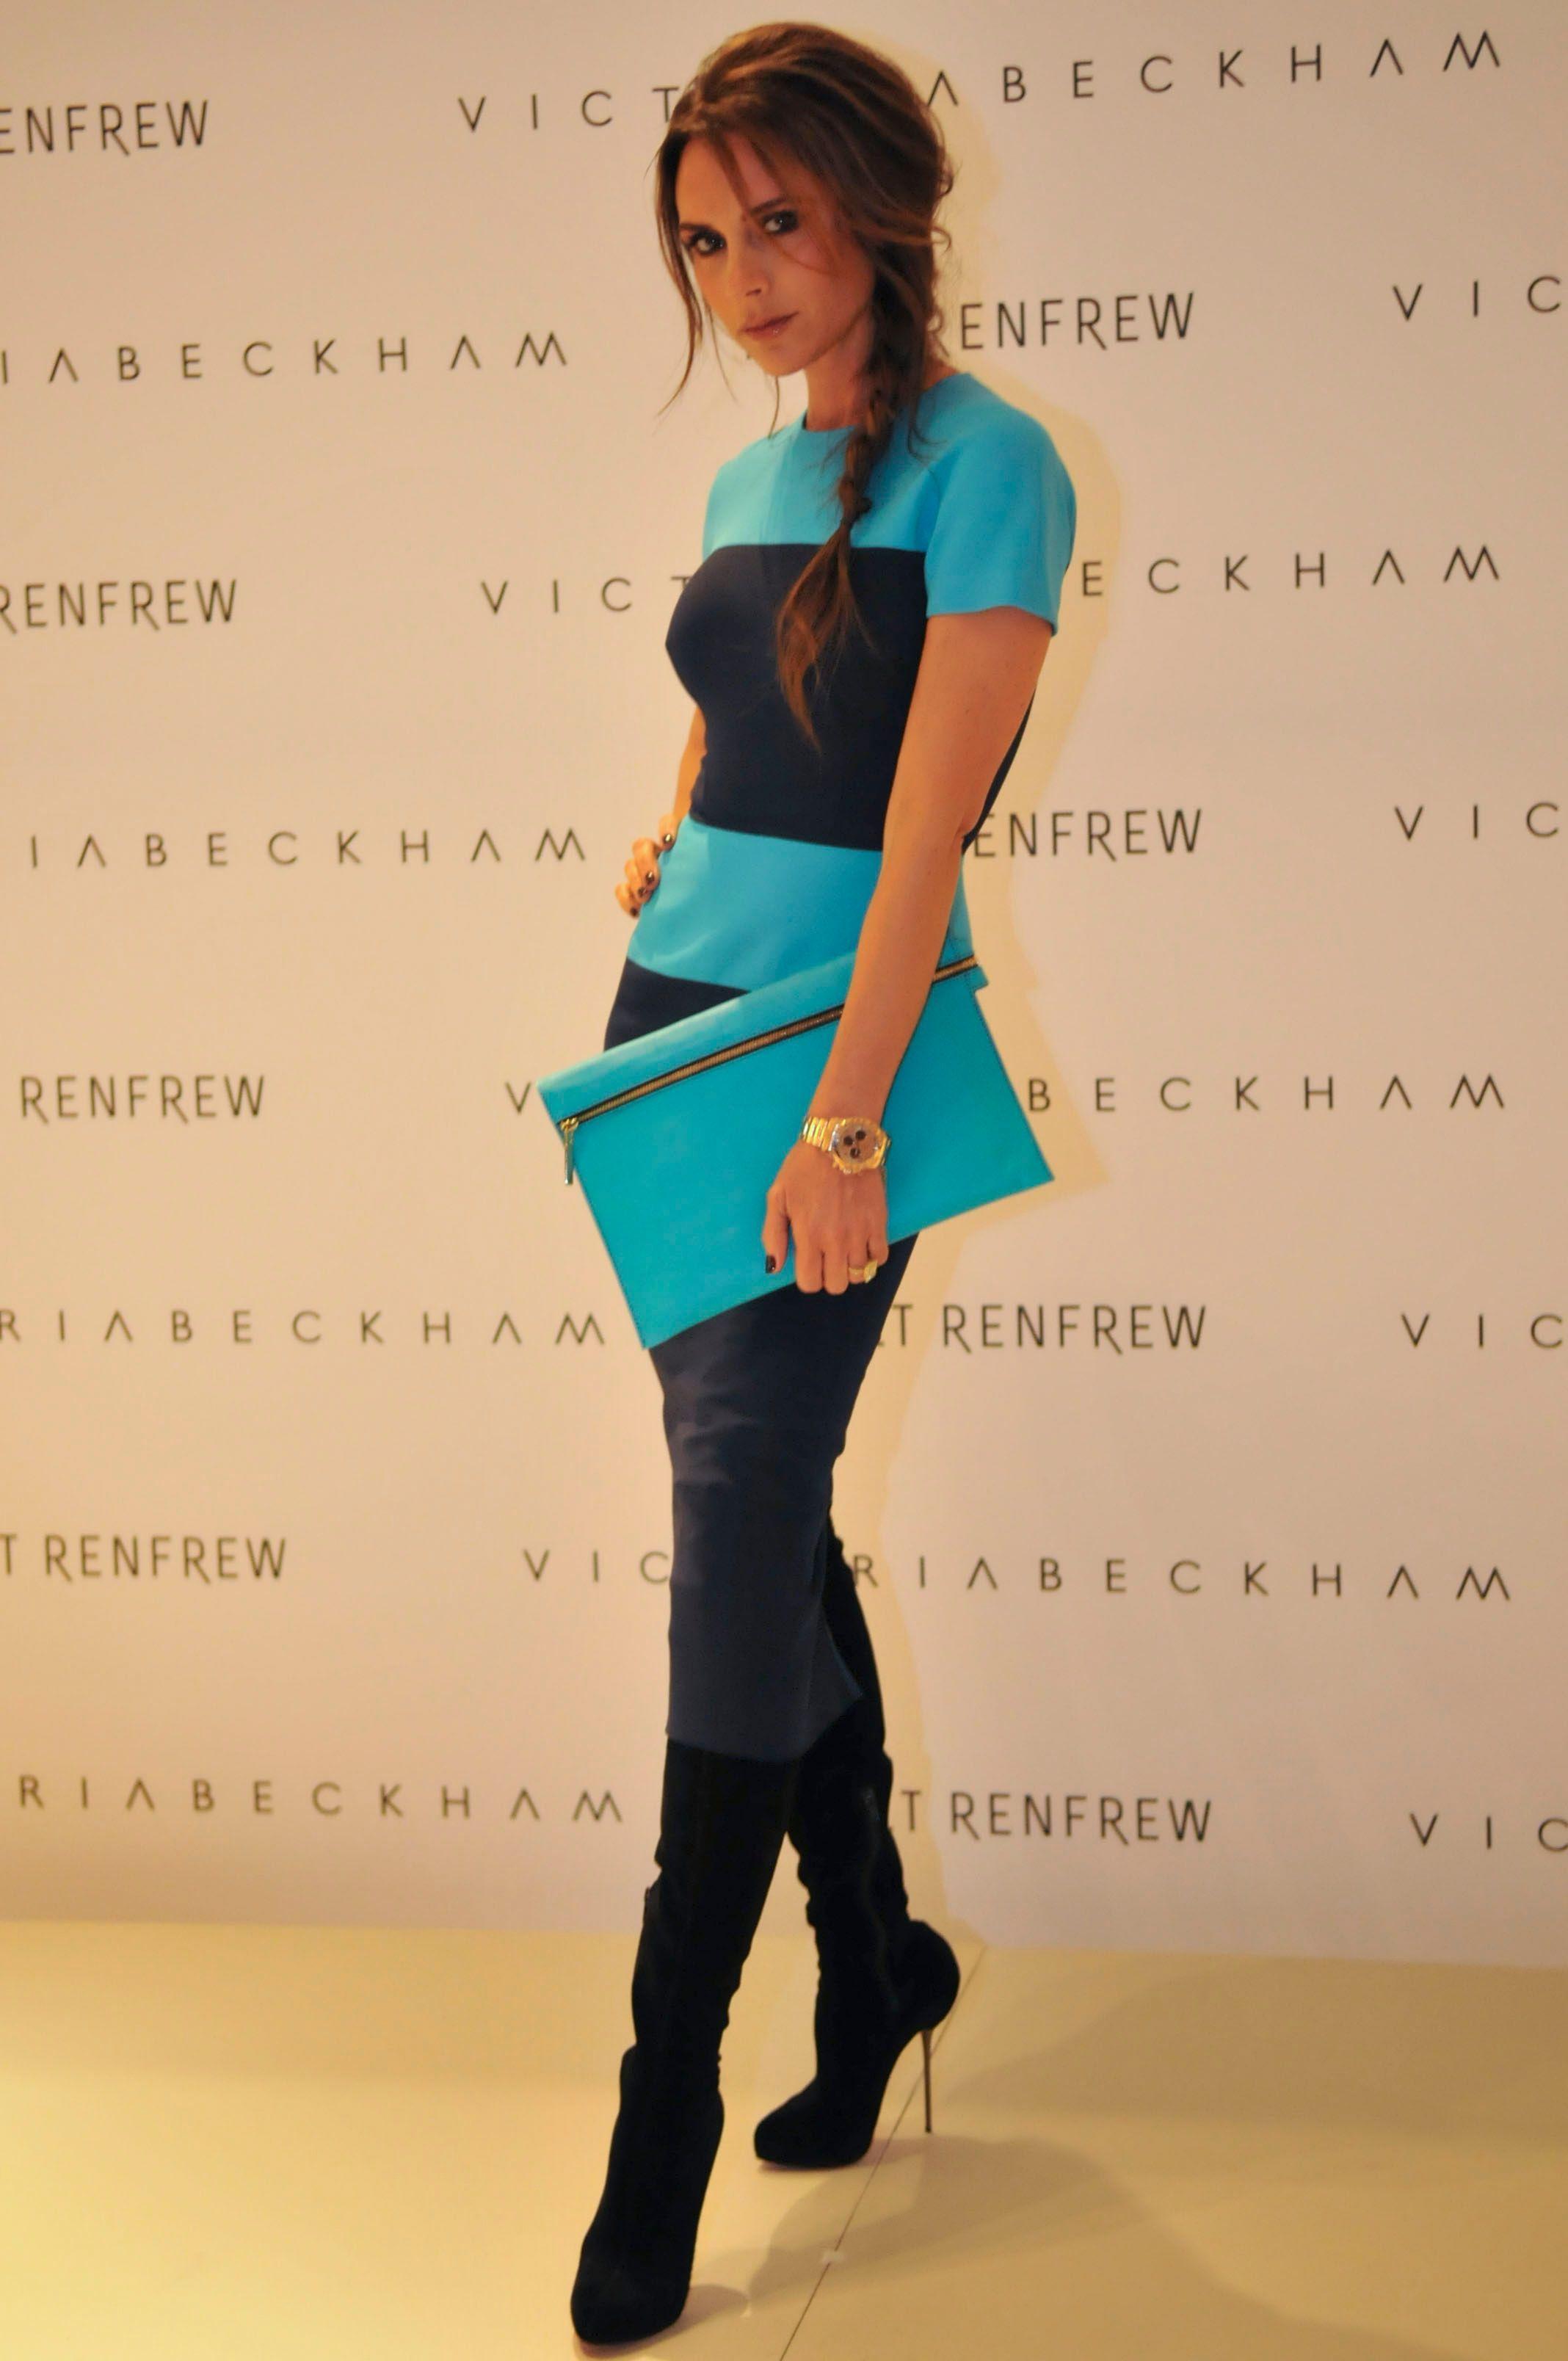 6271c418c05 Mode   Victoria Beckham n éprouve aucun regret concernant ses précédents  looks !